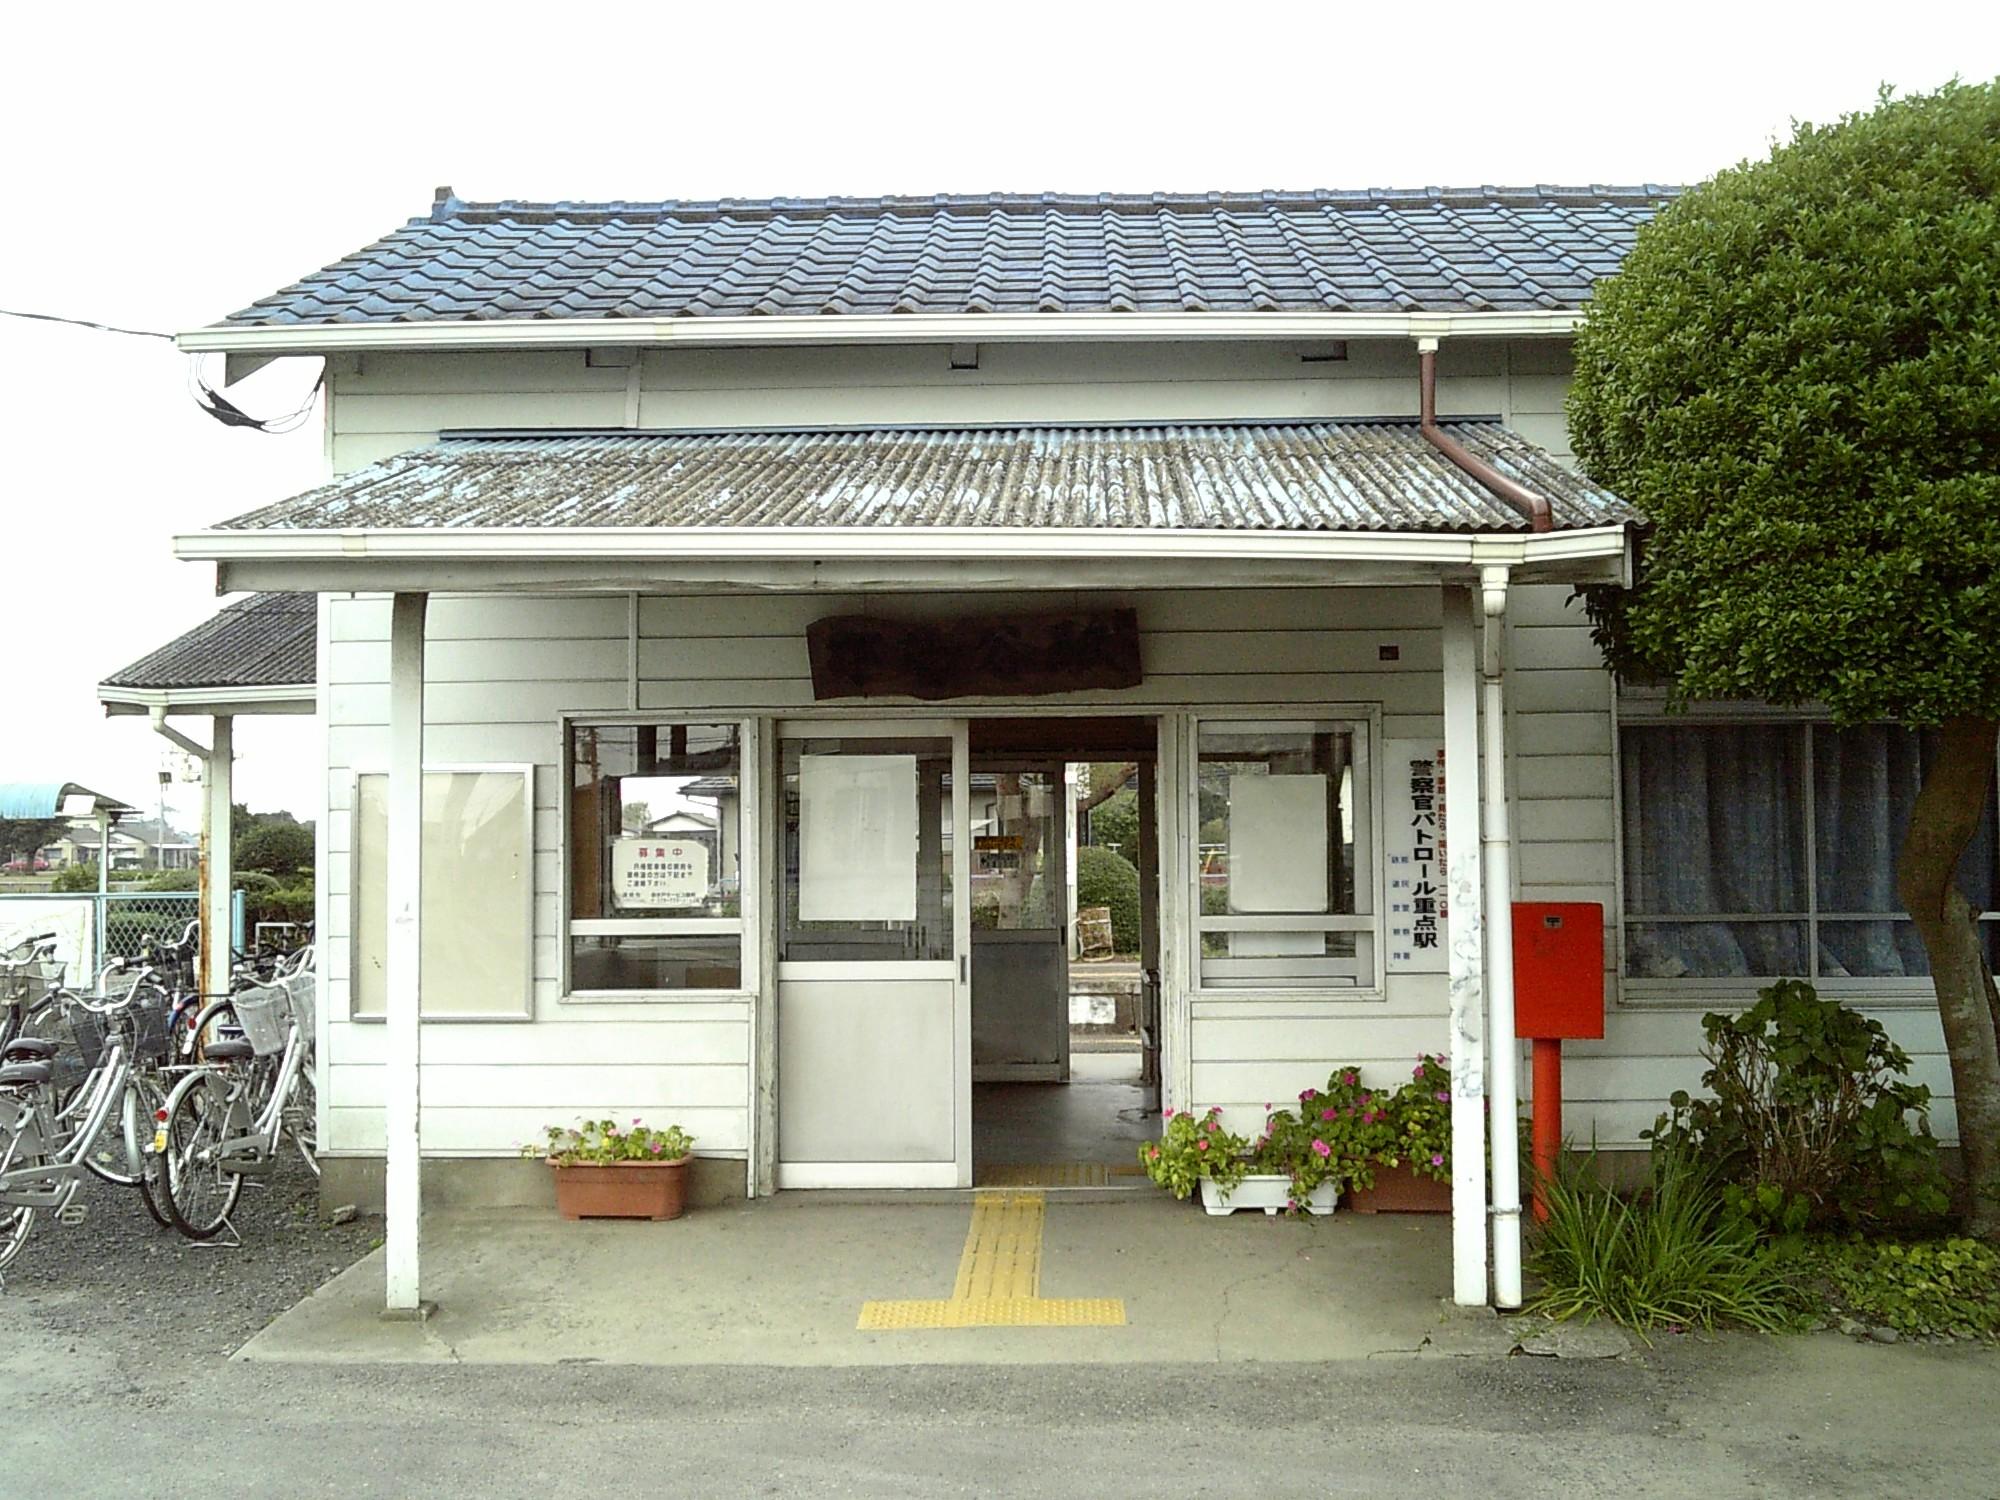 から 駅 水戸 駅 上 菅谷